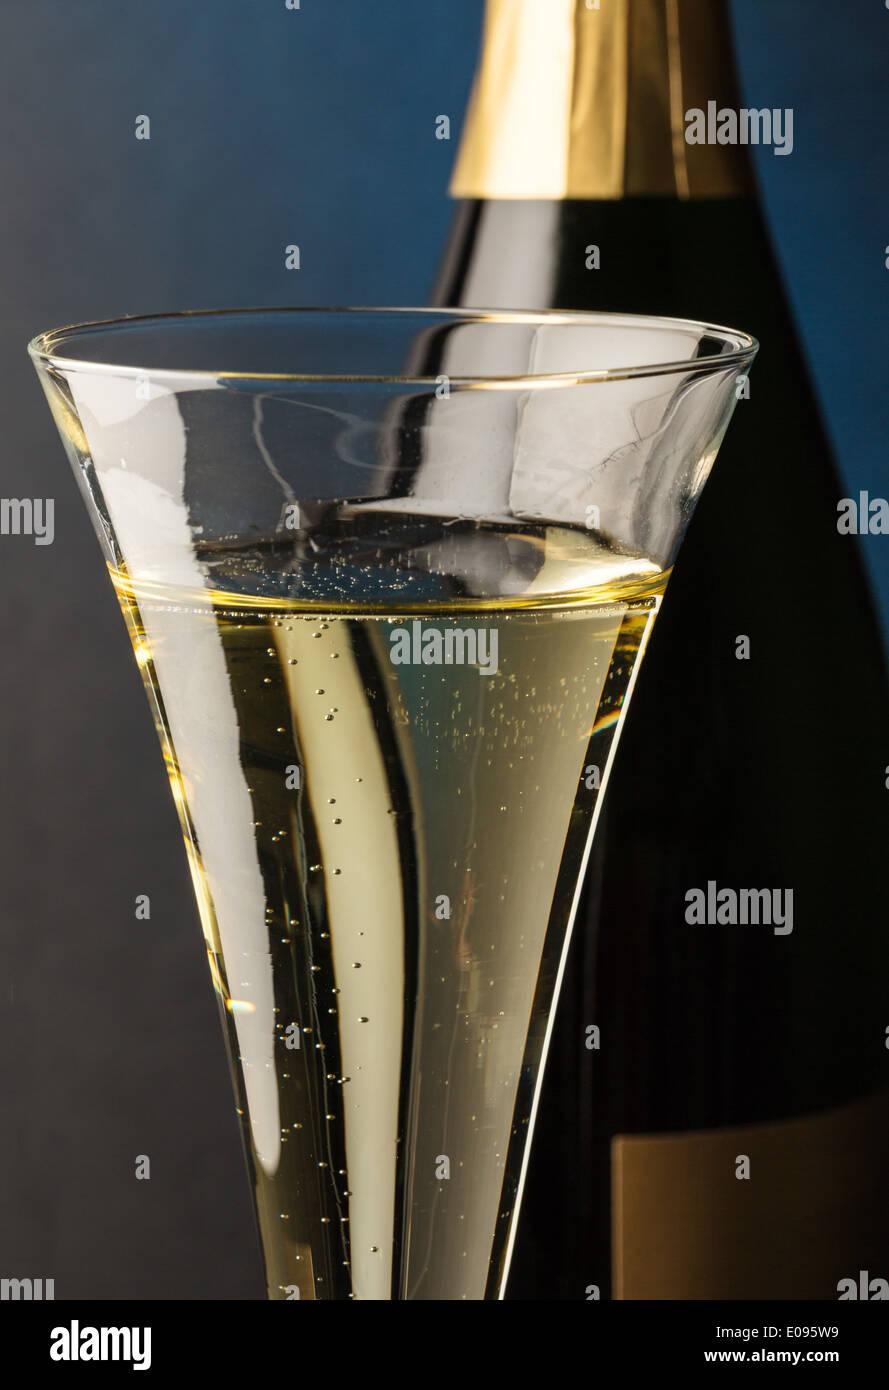 Bouteille de champagne avec le verre à champagne. Photo symbolique fue célébrations et tours de l'année., Champagnerflasche Sektglas mit. S Photo Stock